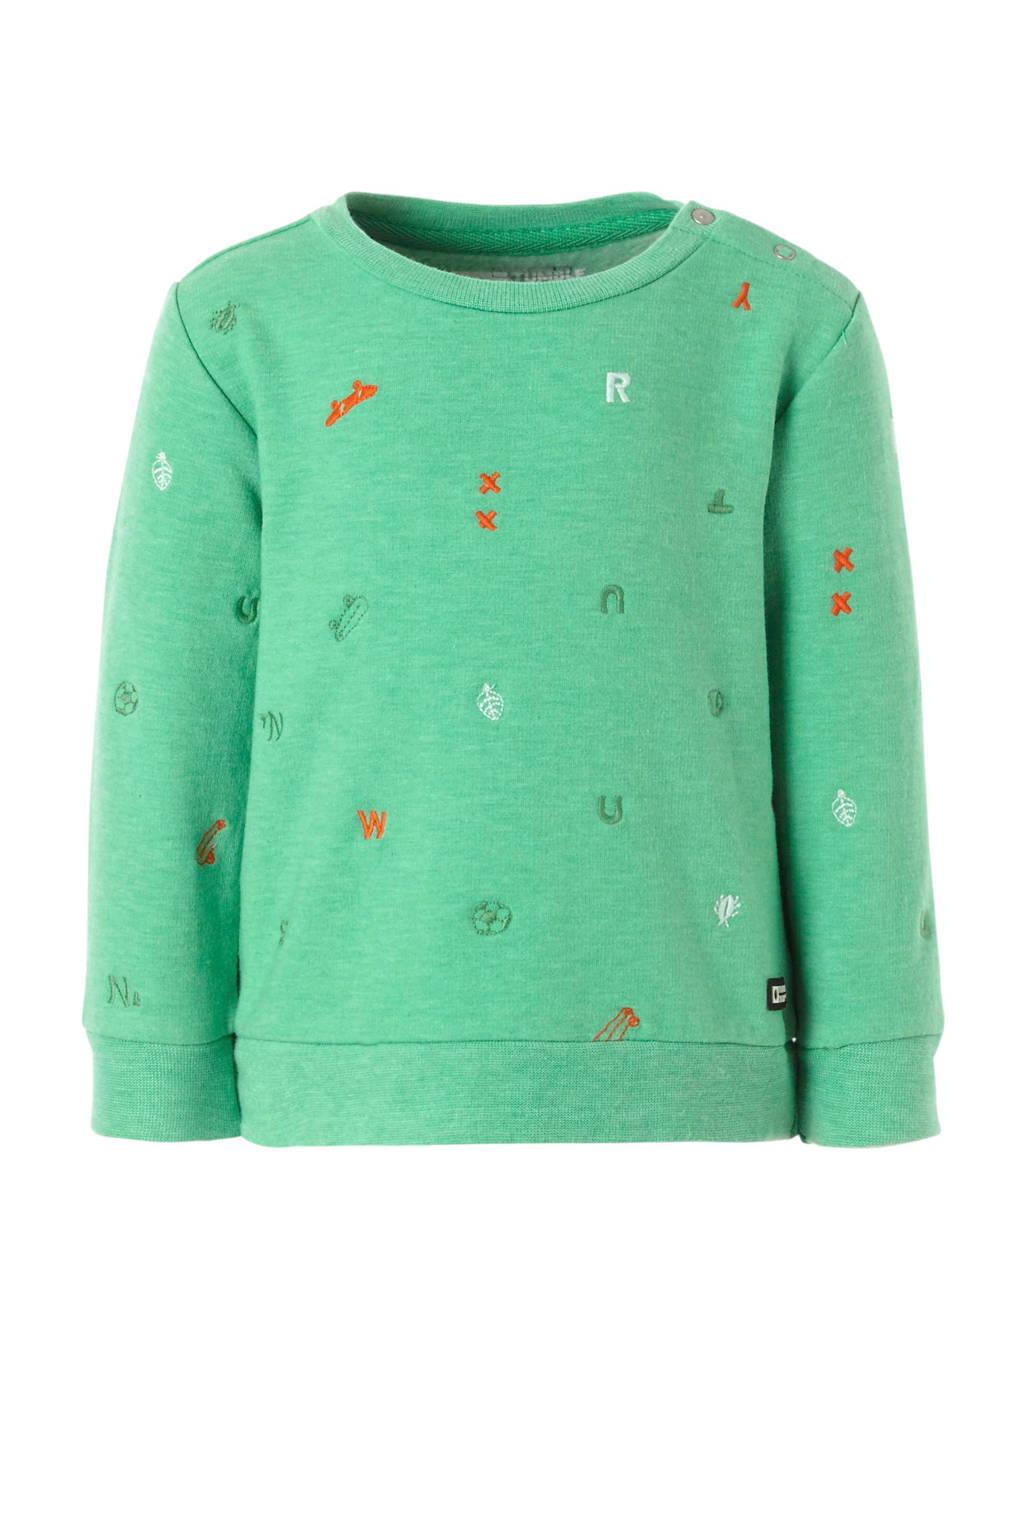 sweater Adal met opdruk groen, Groen/rood